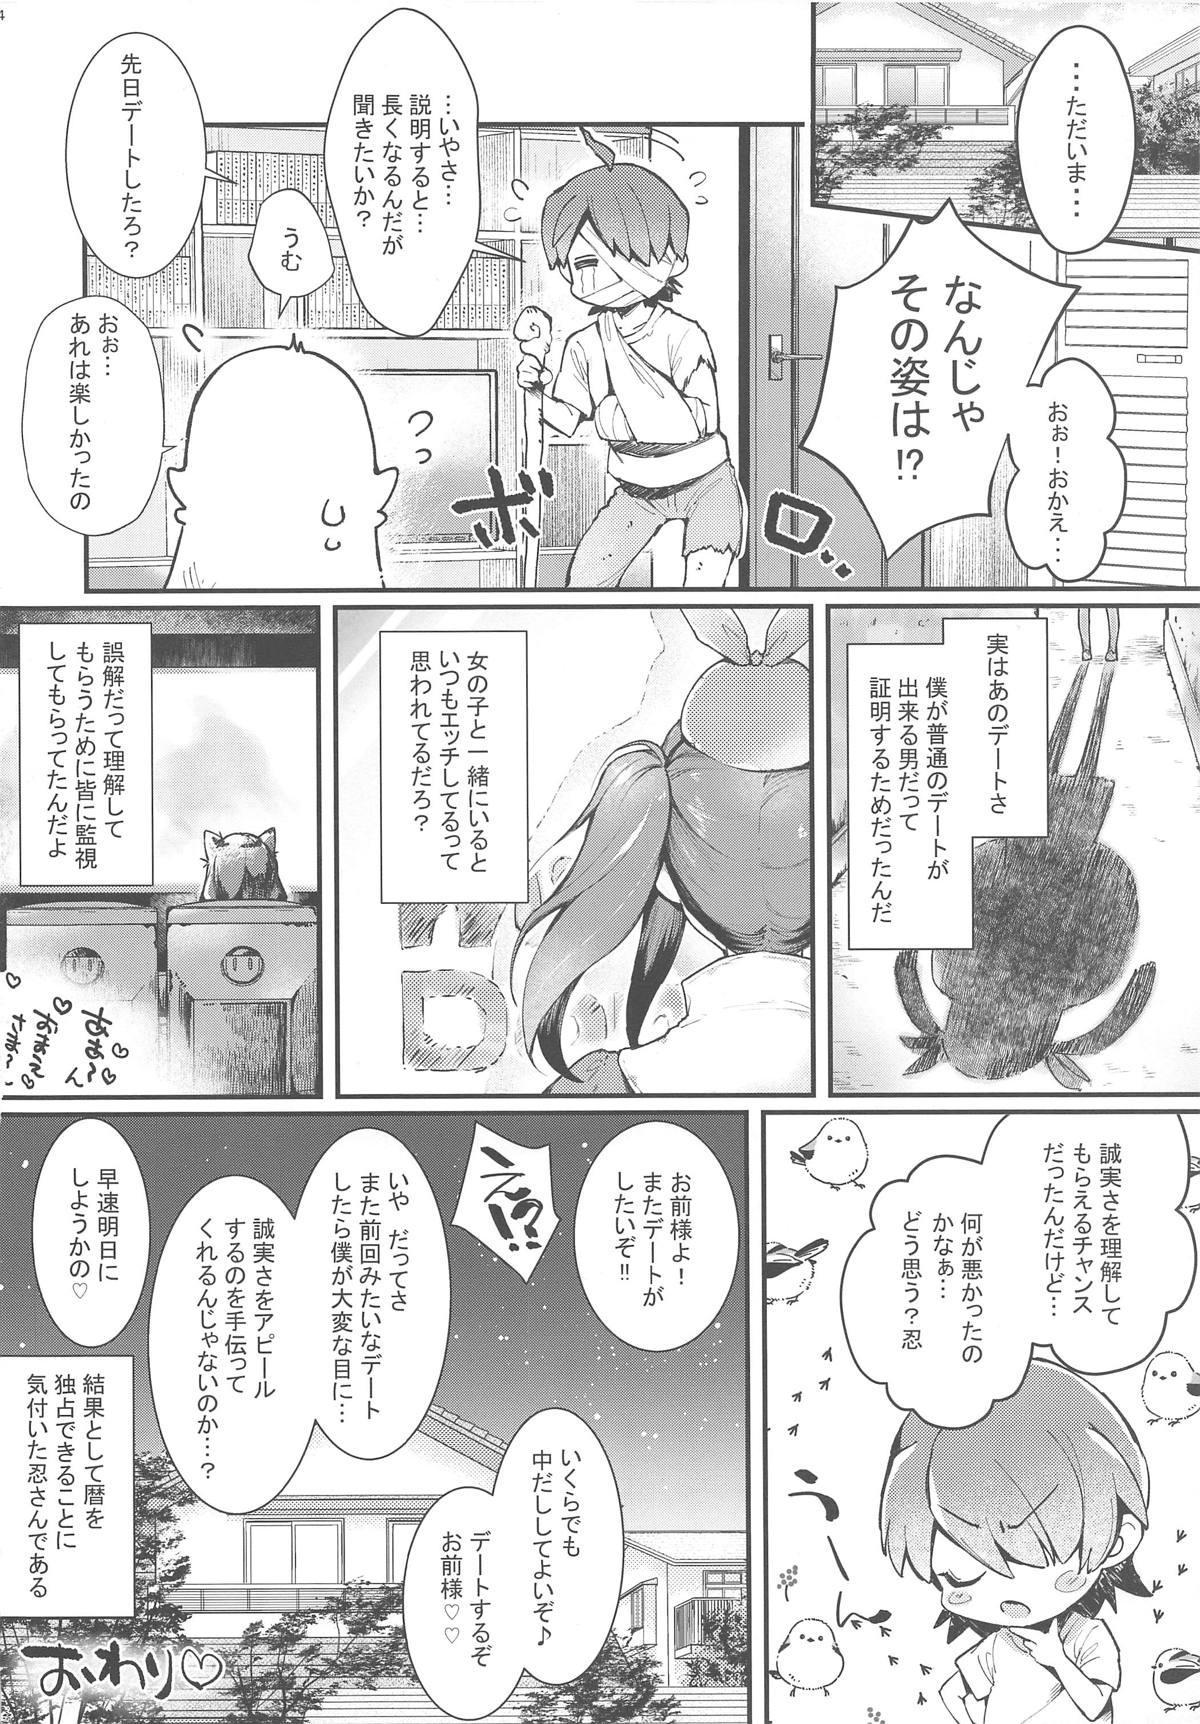 Pachimonogatari Part 18: Shinobu Date 22